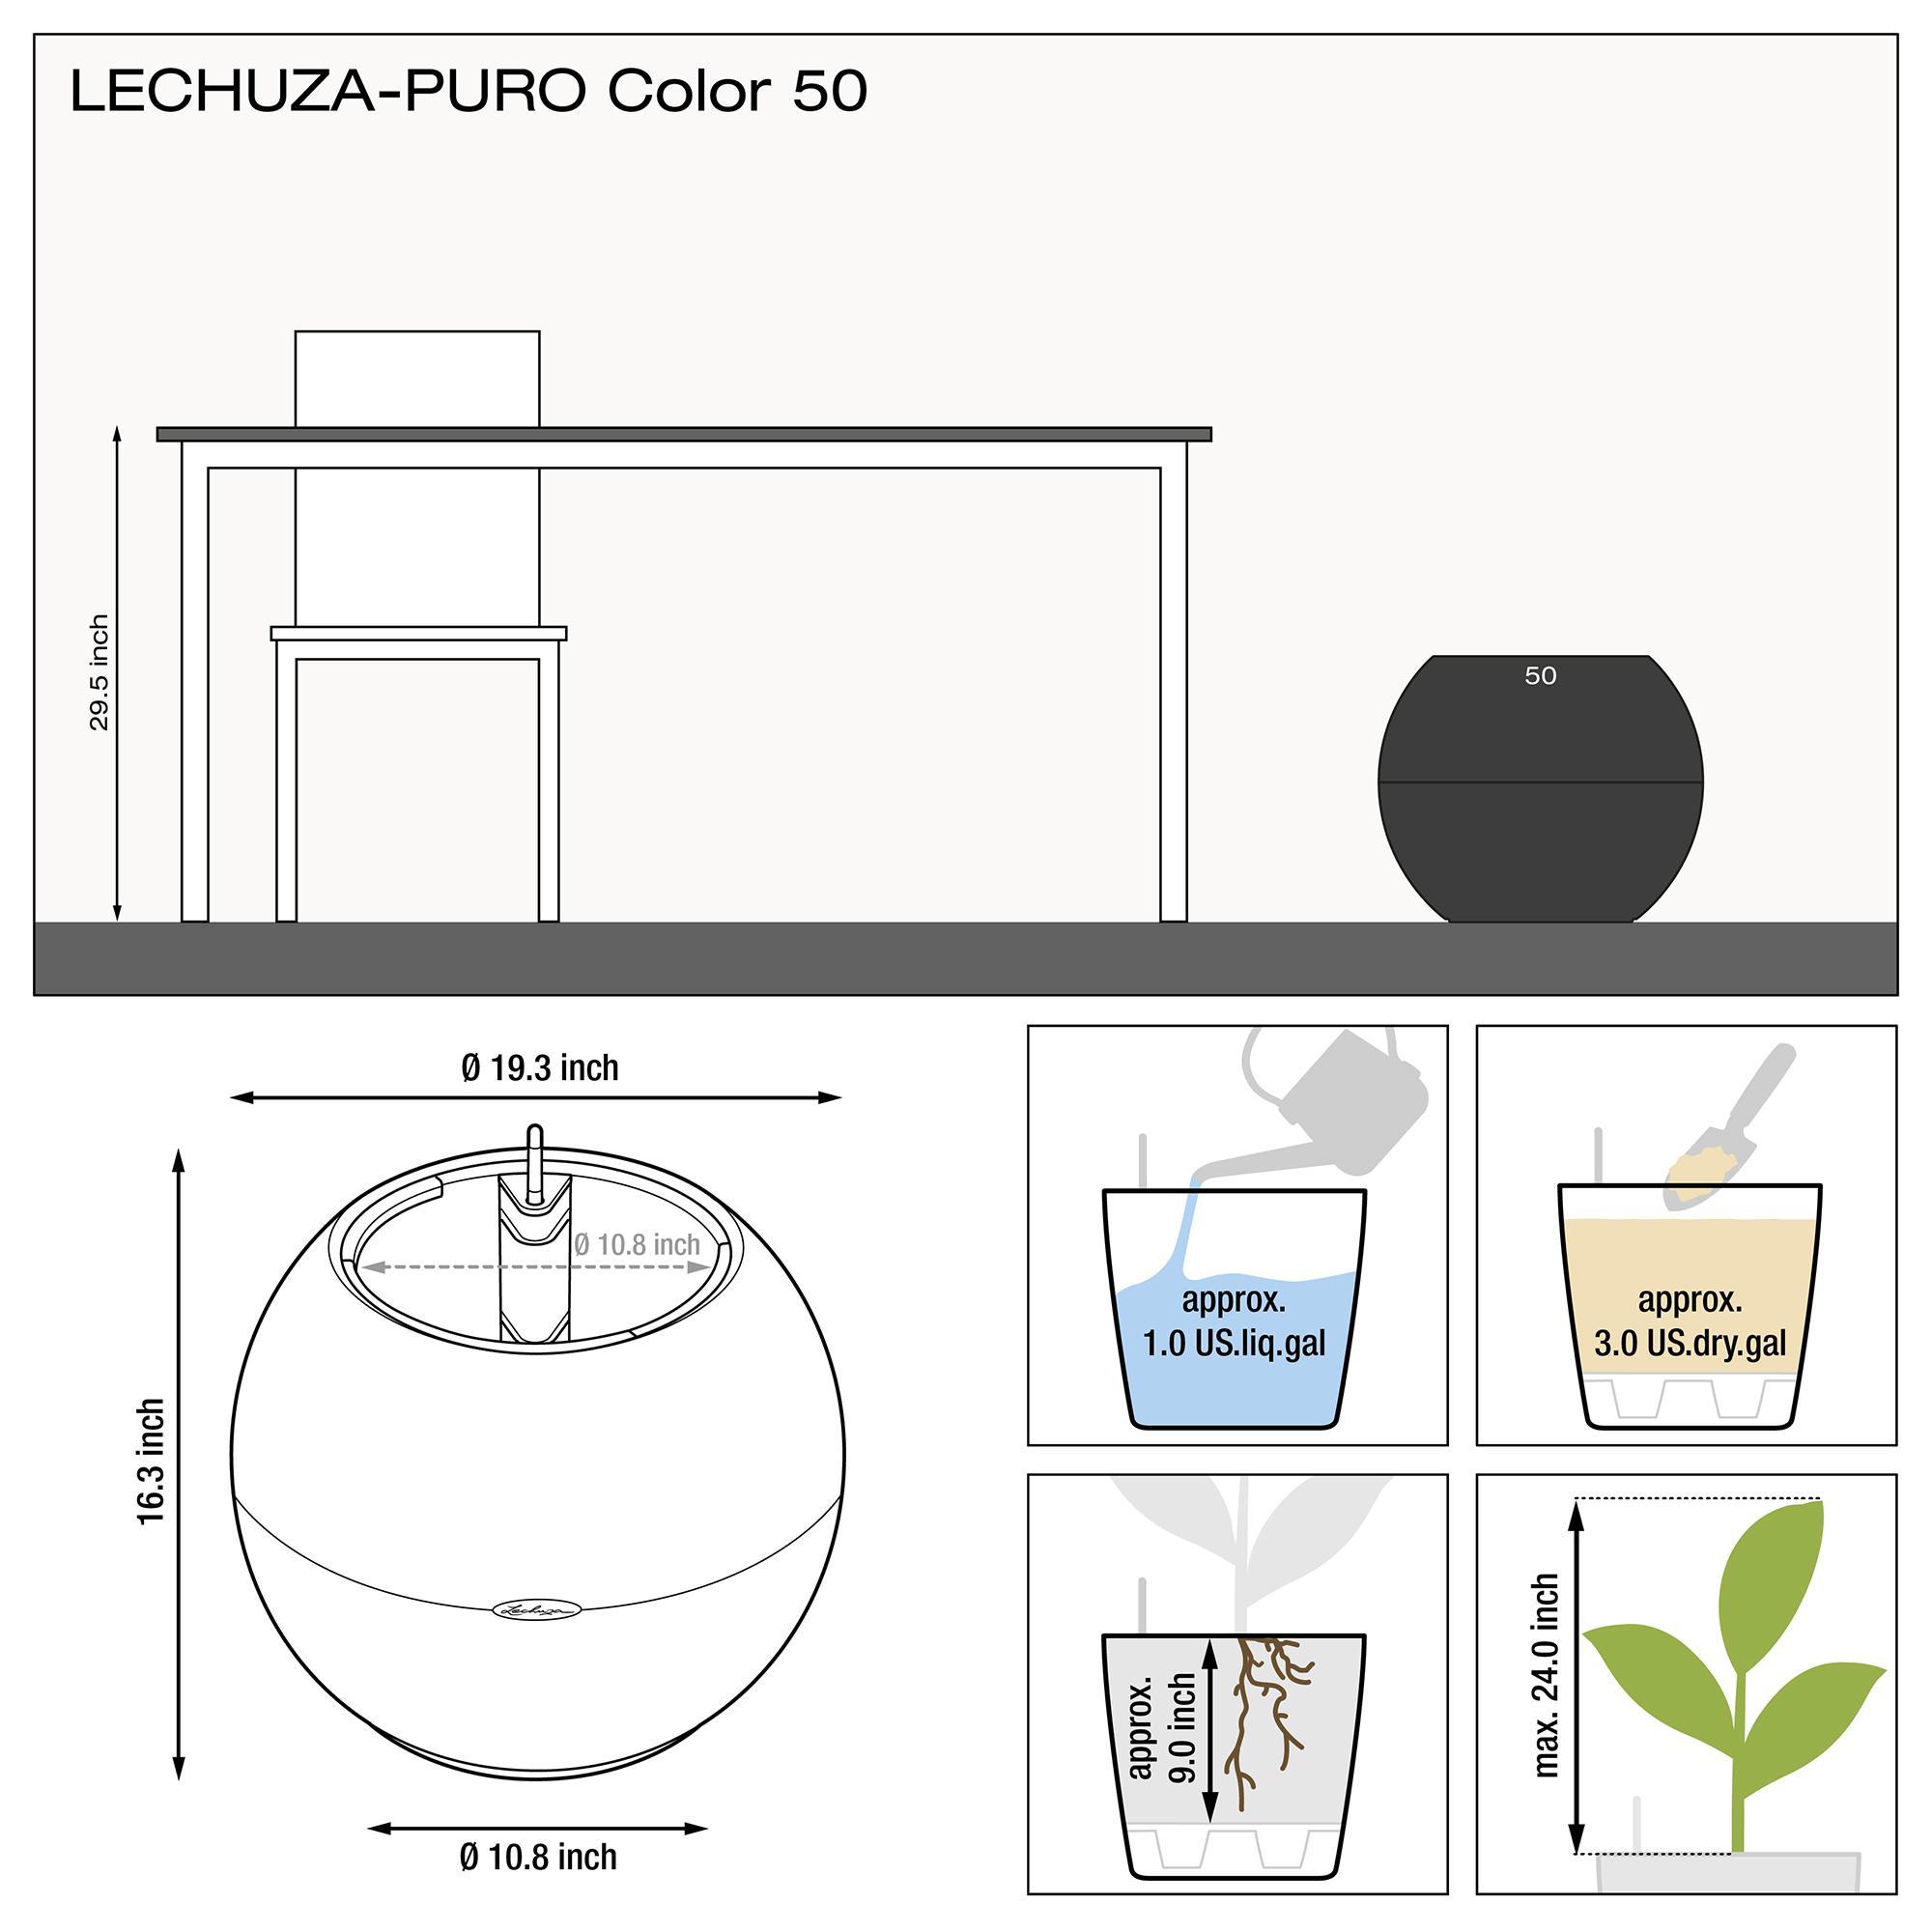 le_puro-color50_product_addi_nz_us